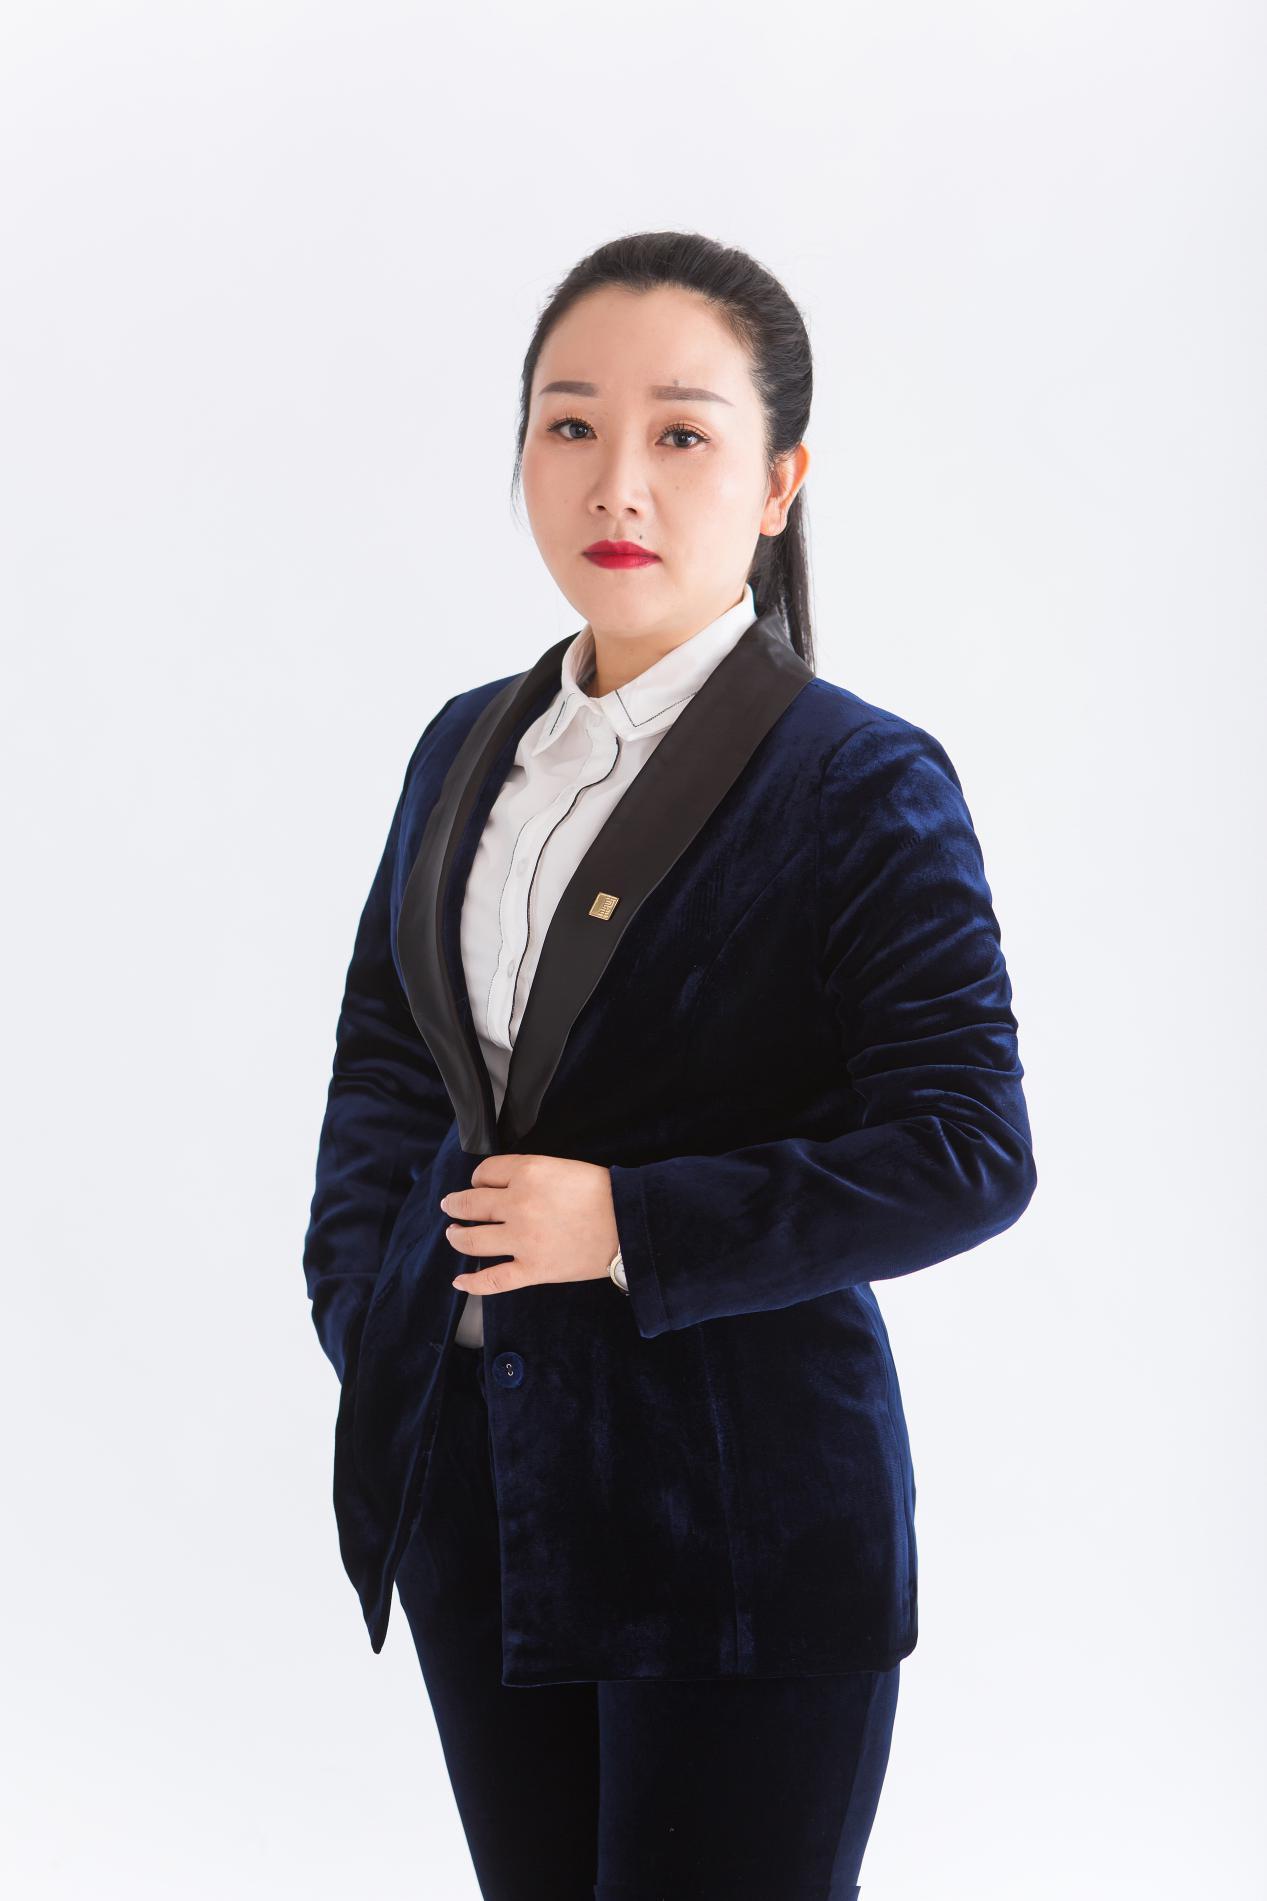 王红照片1